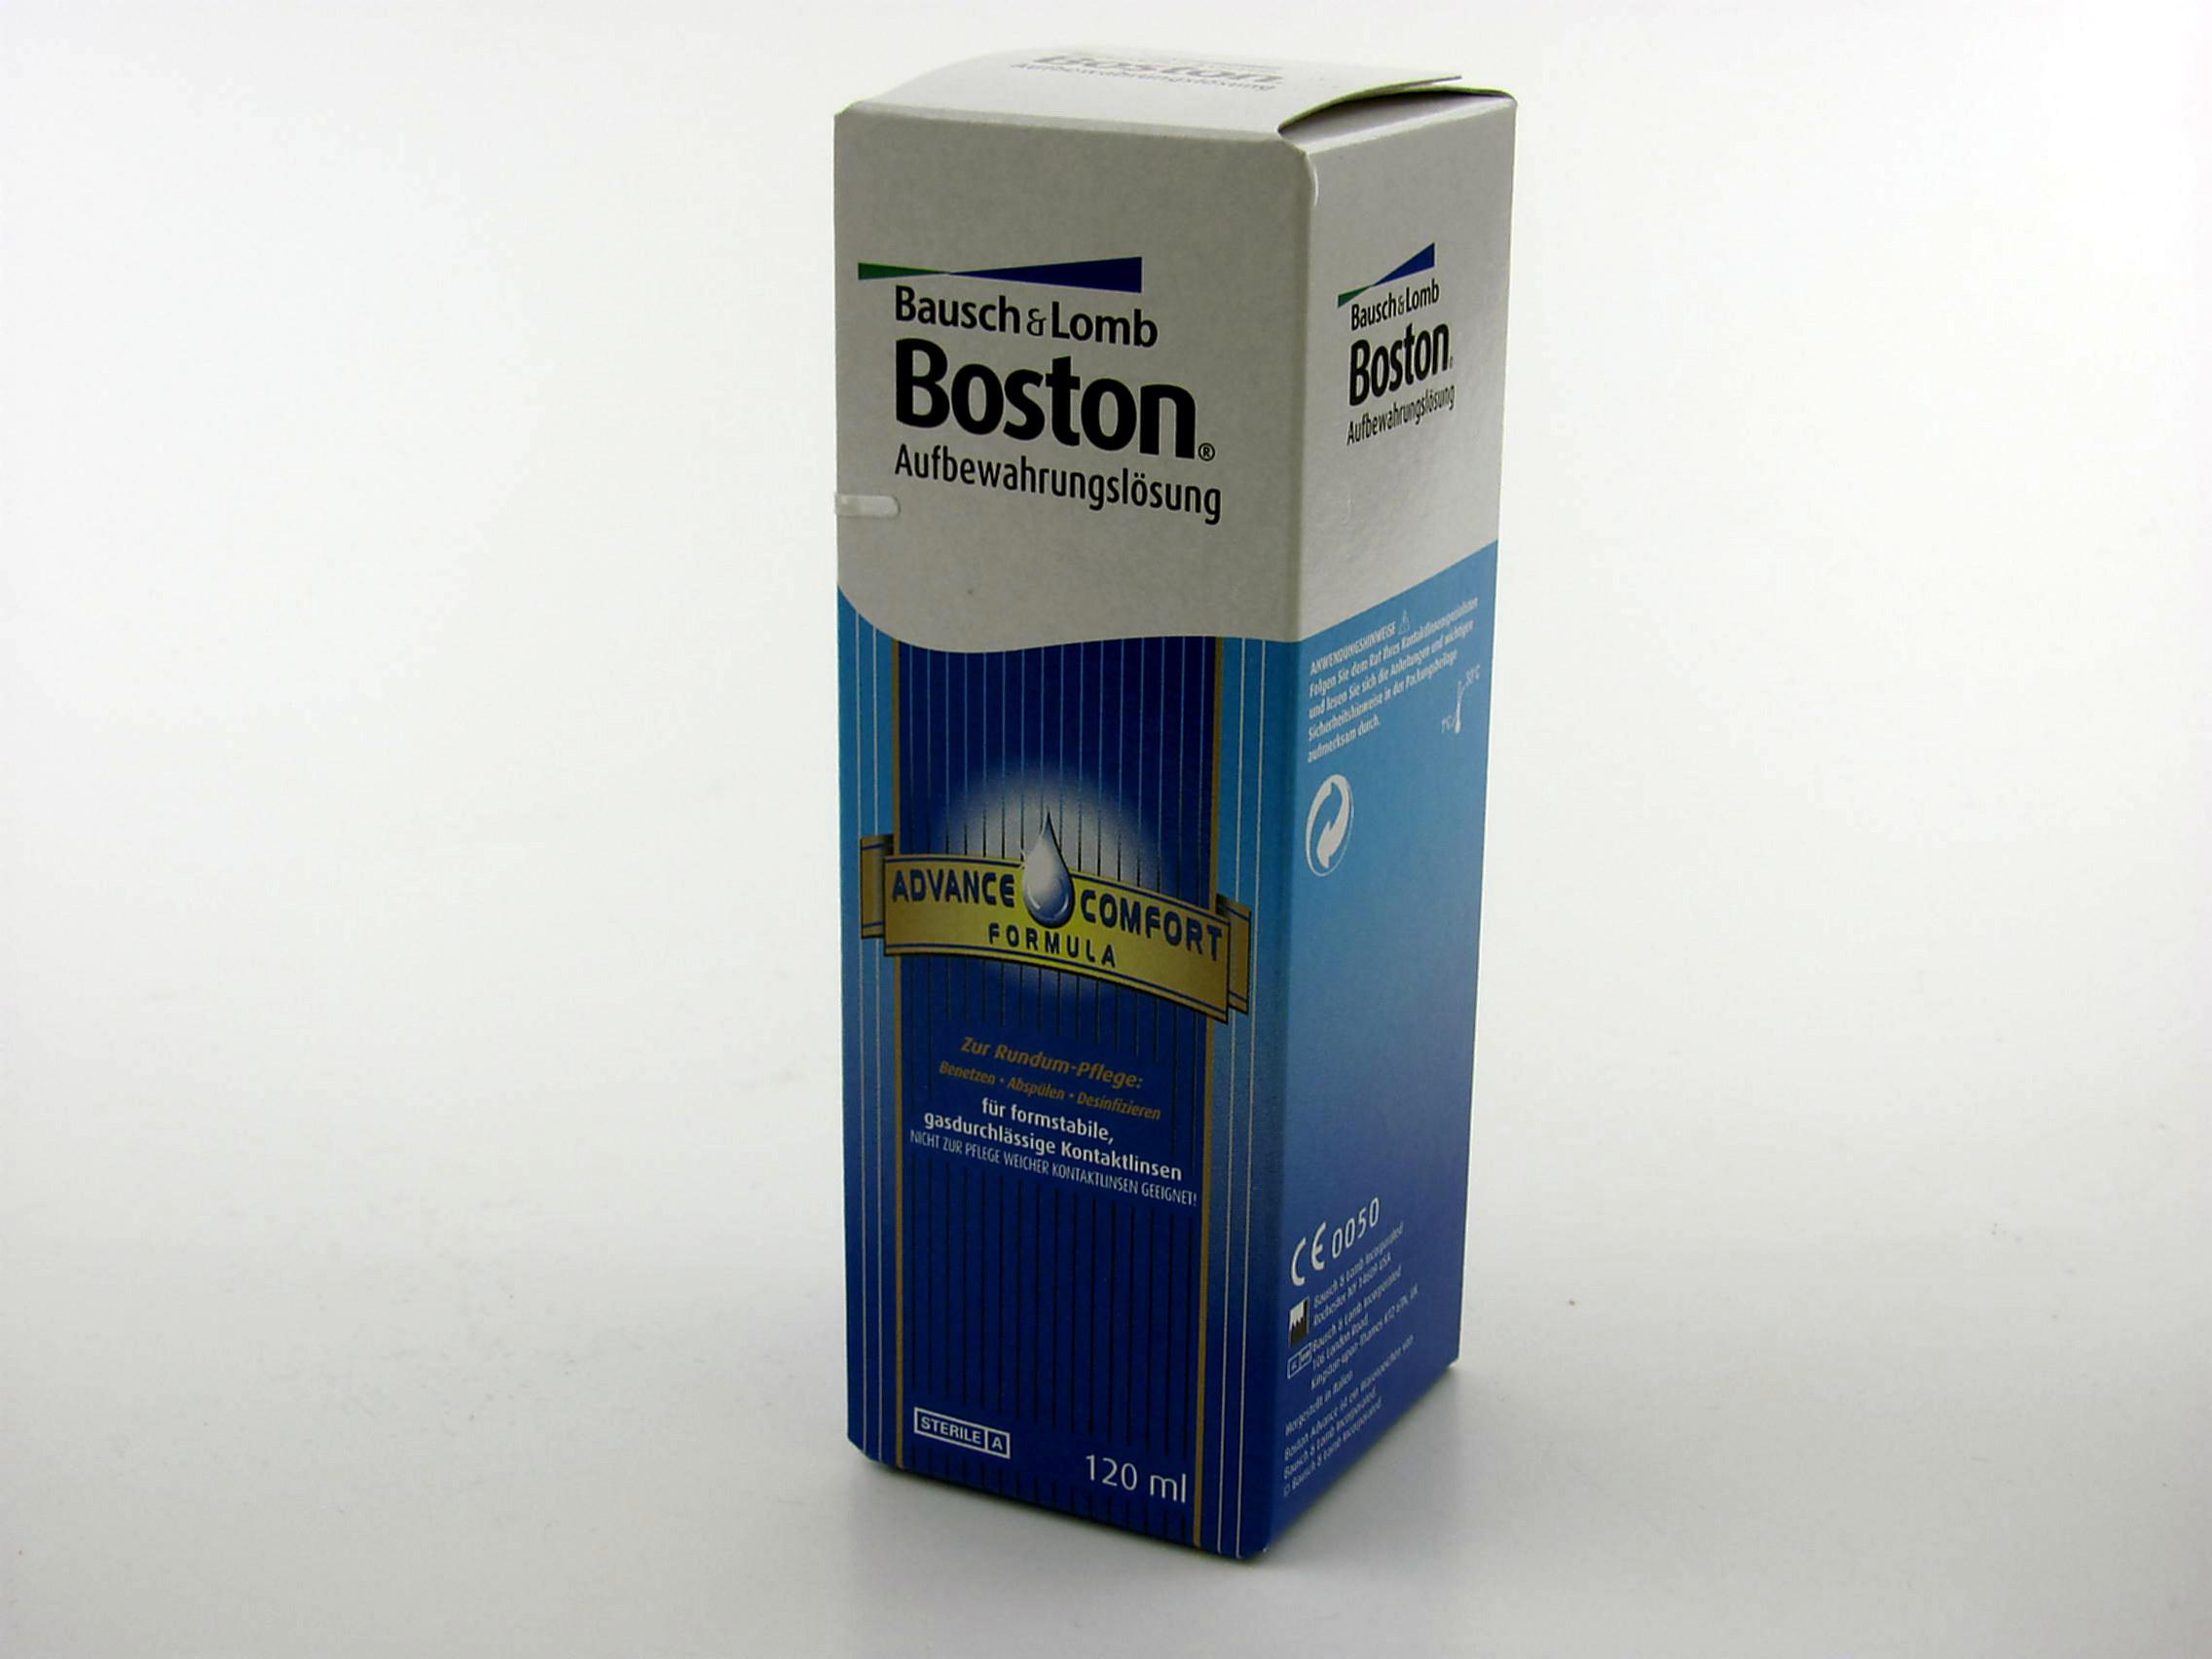 Boston Aufbewahrungslösung 120ml